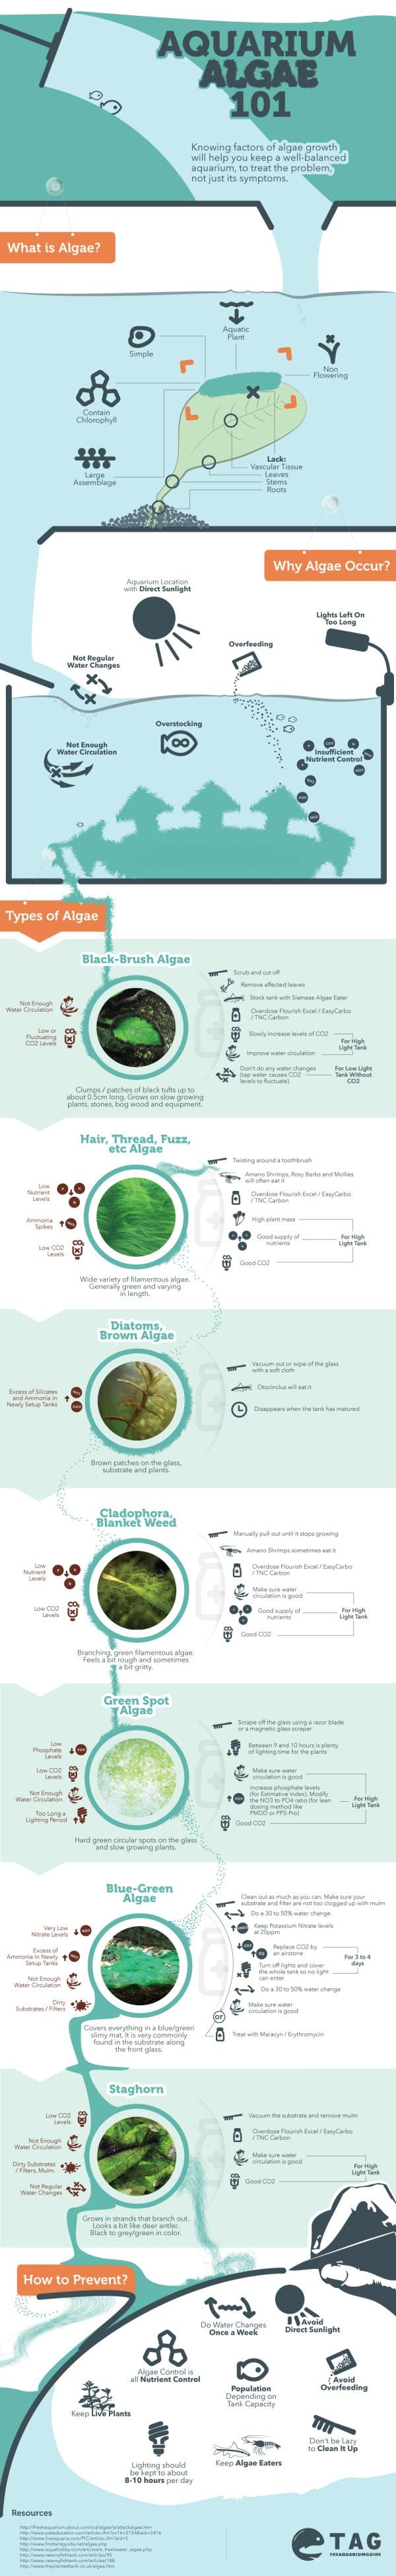 Aquarium Algae 101